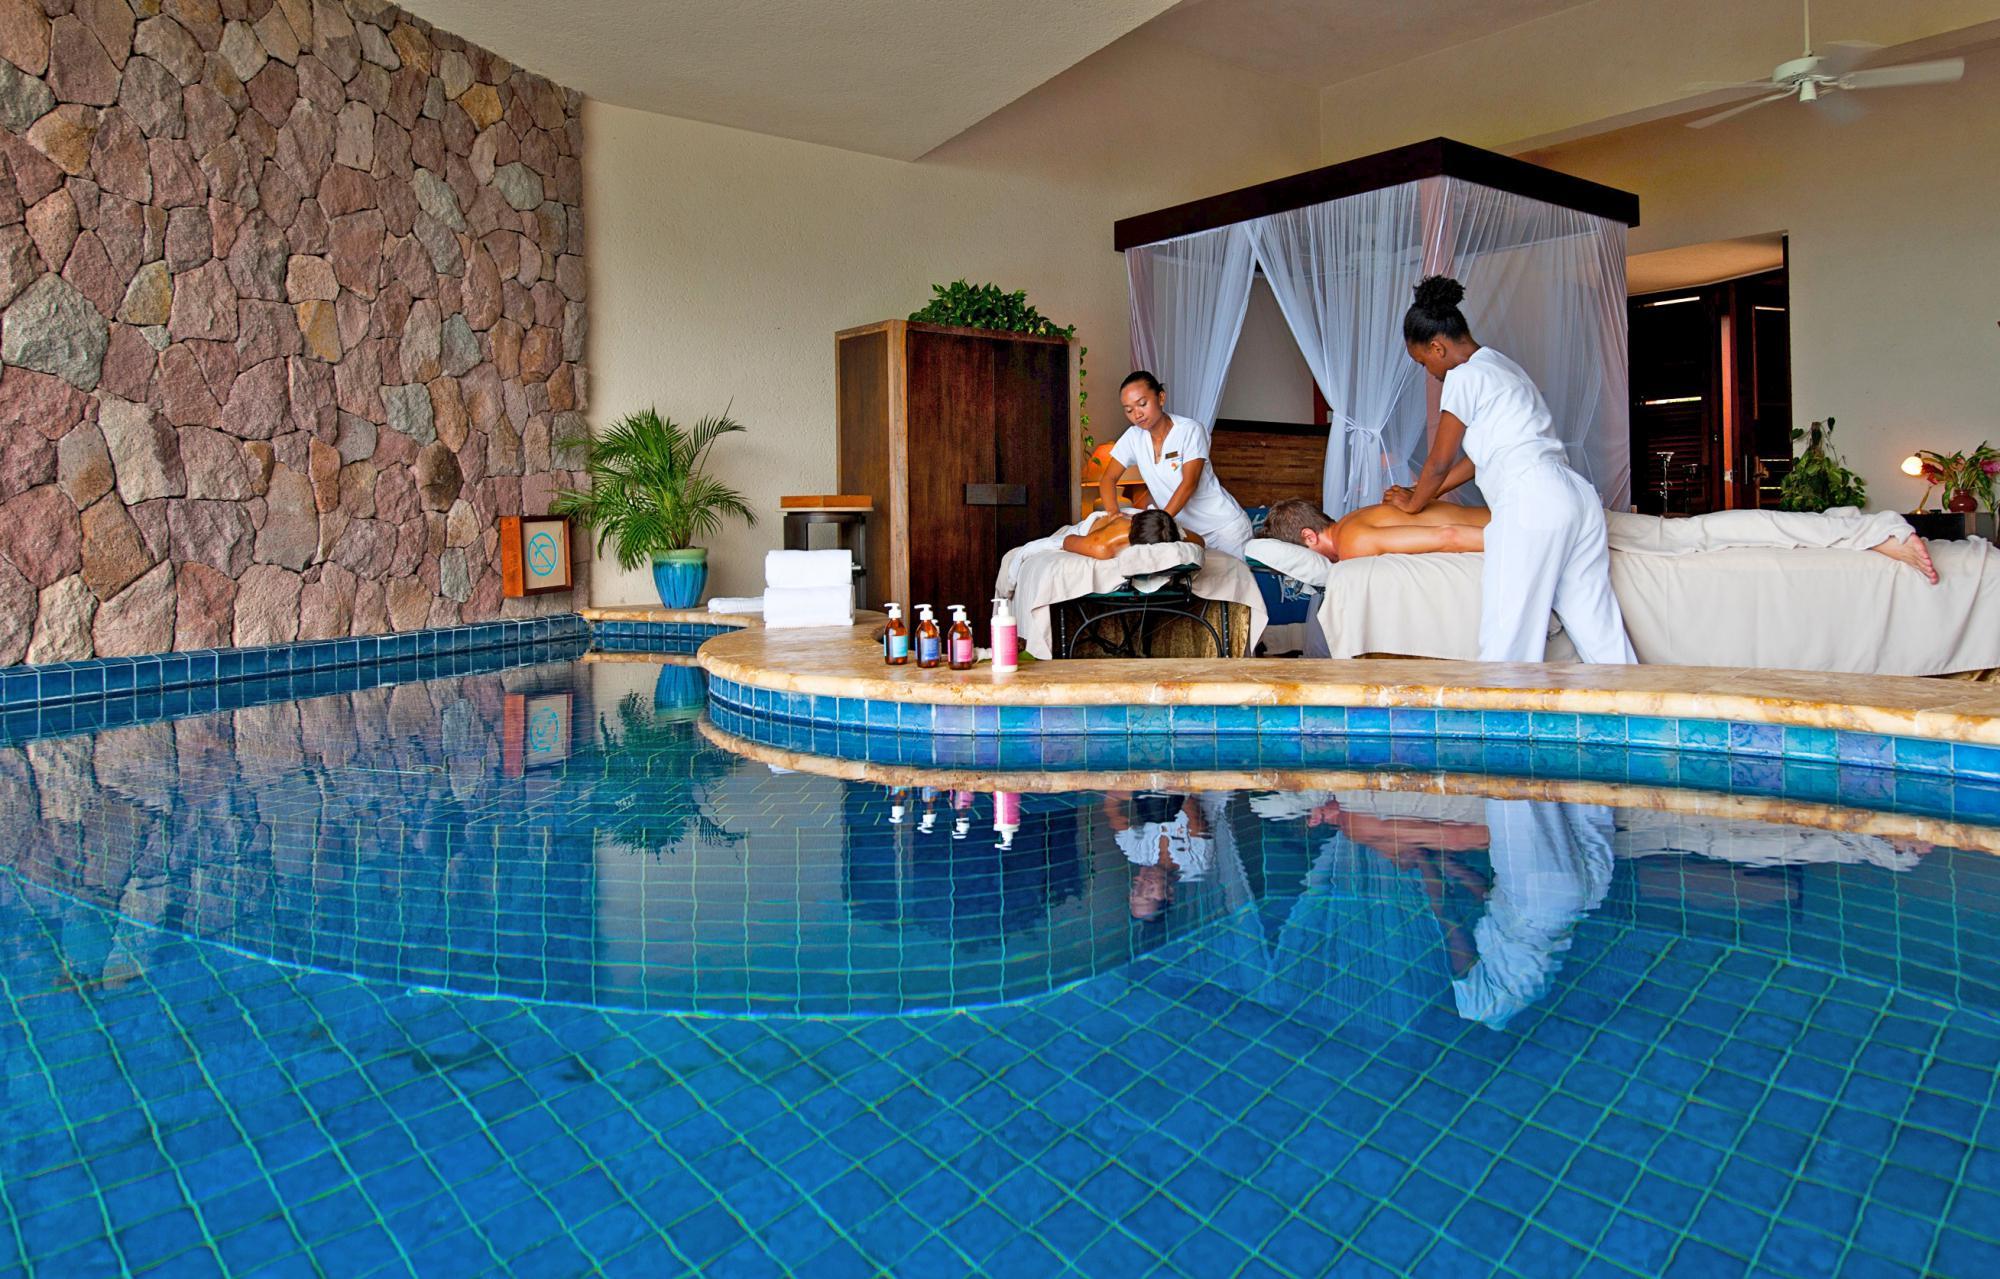 Hotel Caraibi Un Santuario Ai Caraibi Per Gli Amanti Della Natura Della